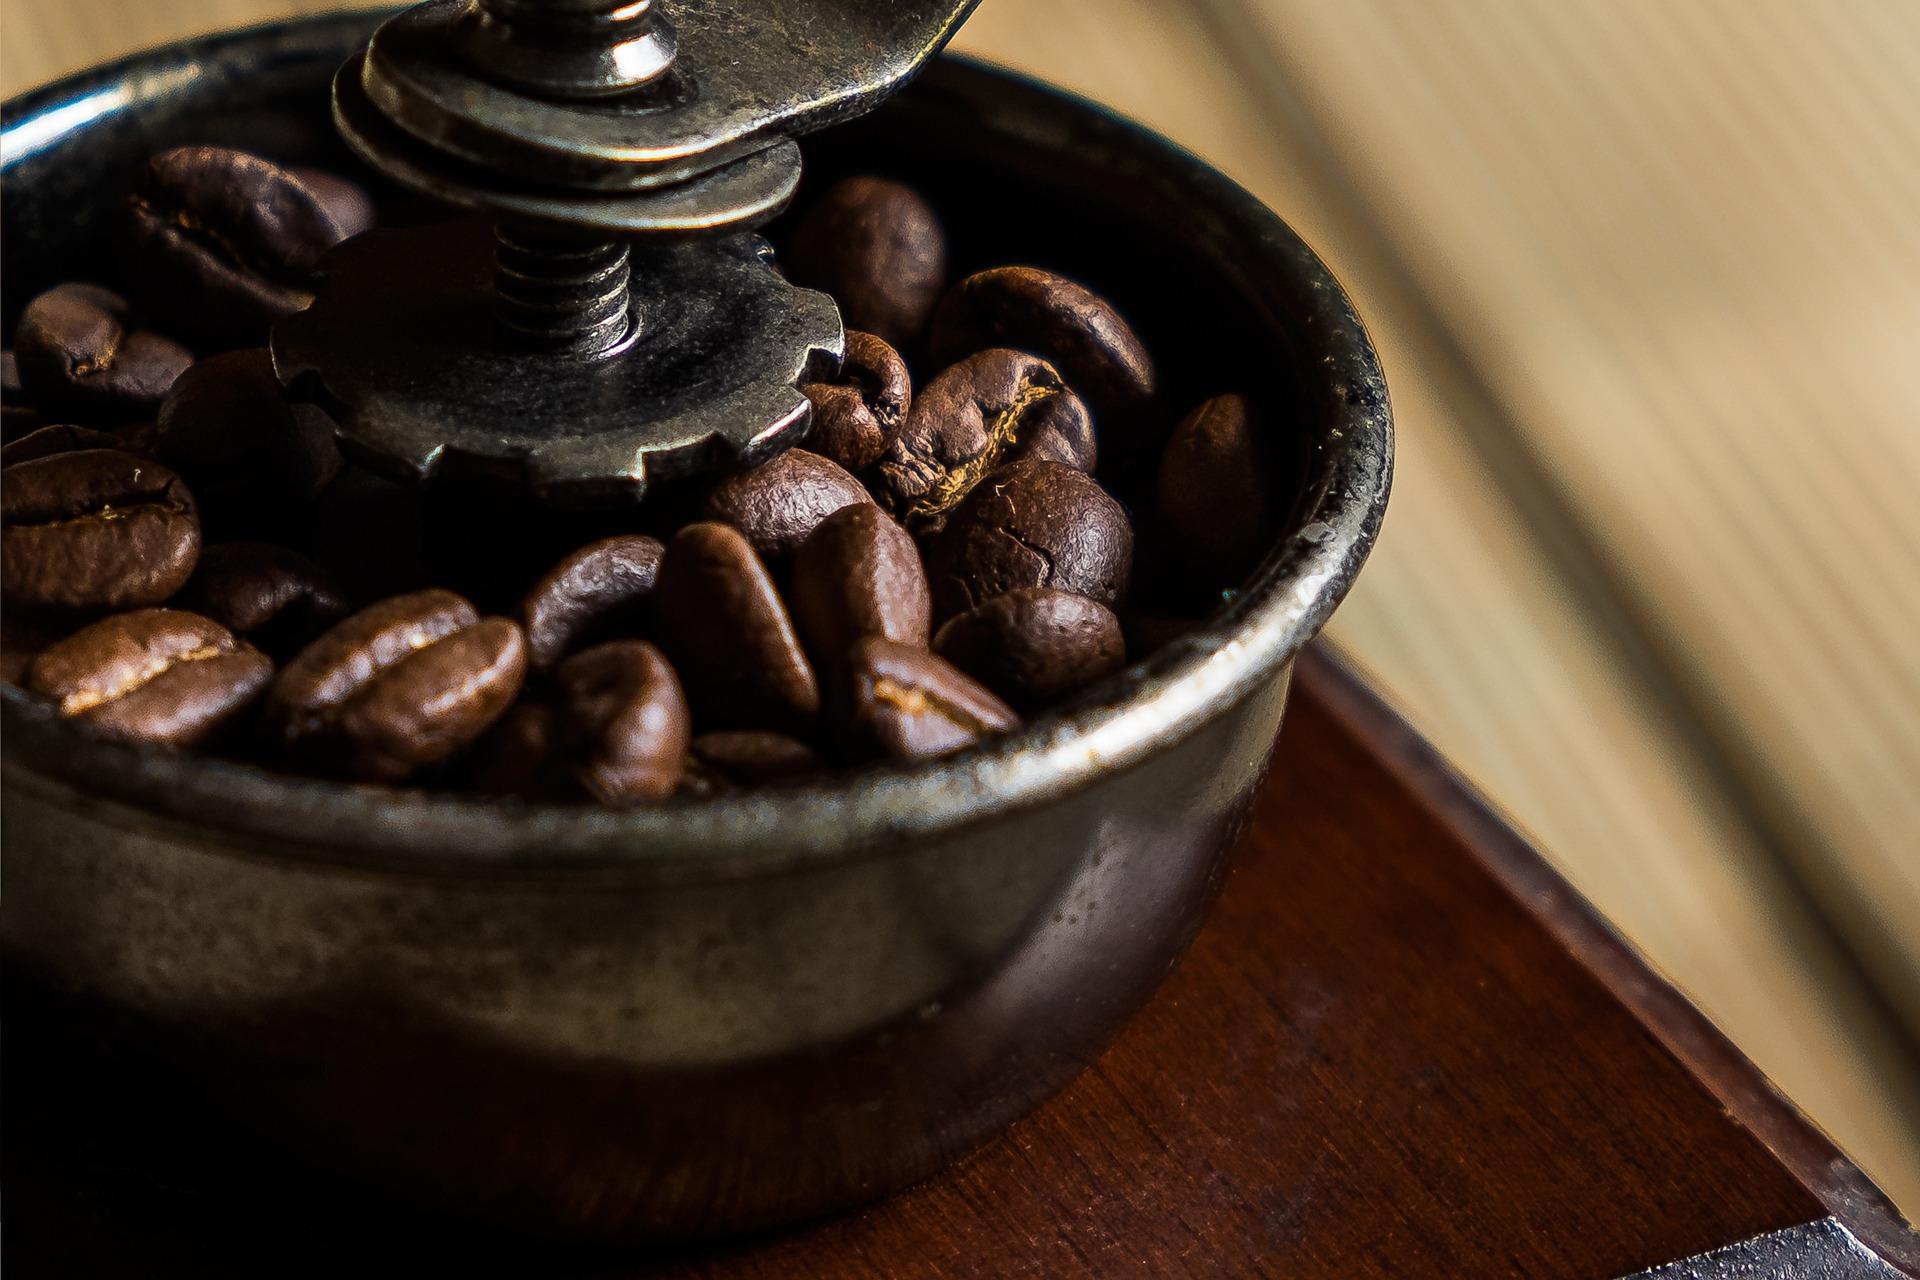 Jaki młynek do kawy wybrać? Młynek ręczny czy elektryczny?